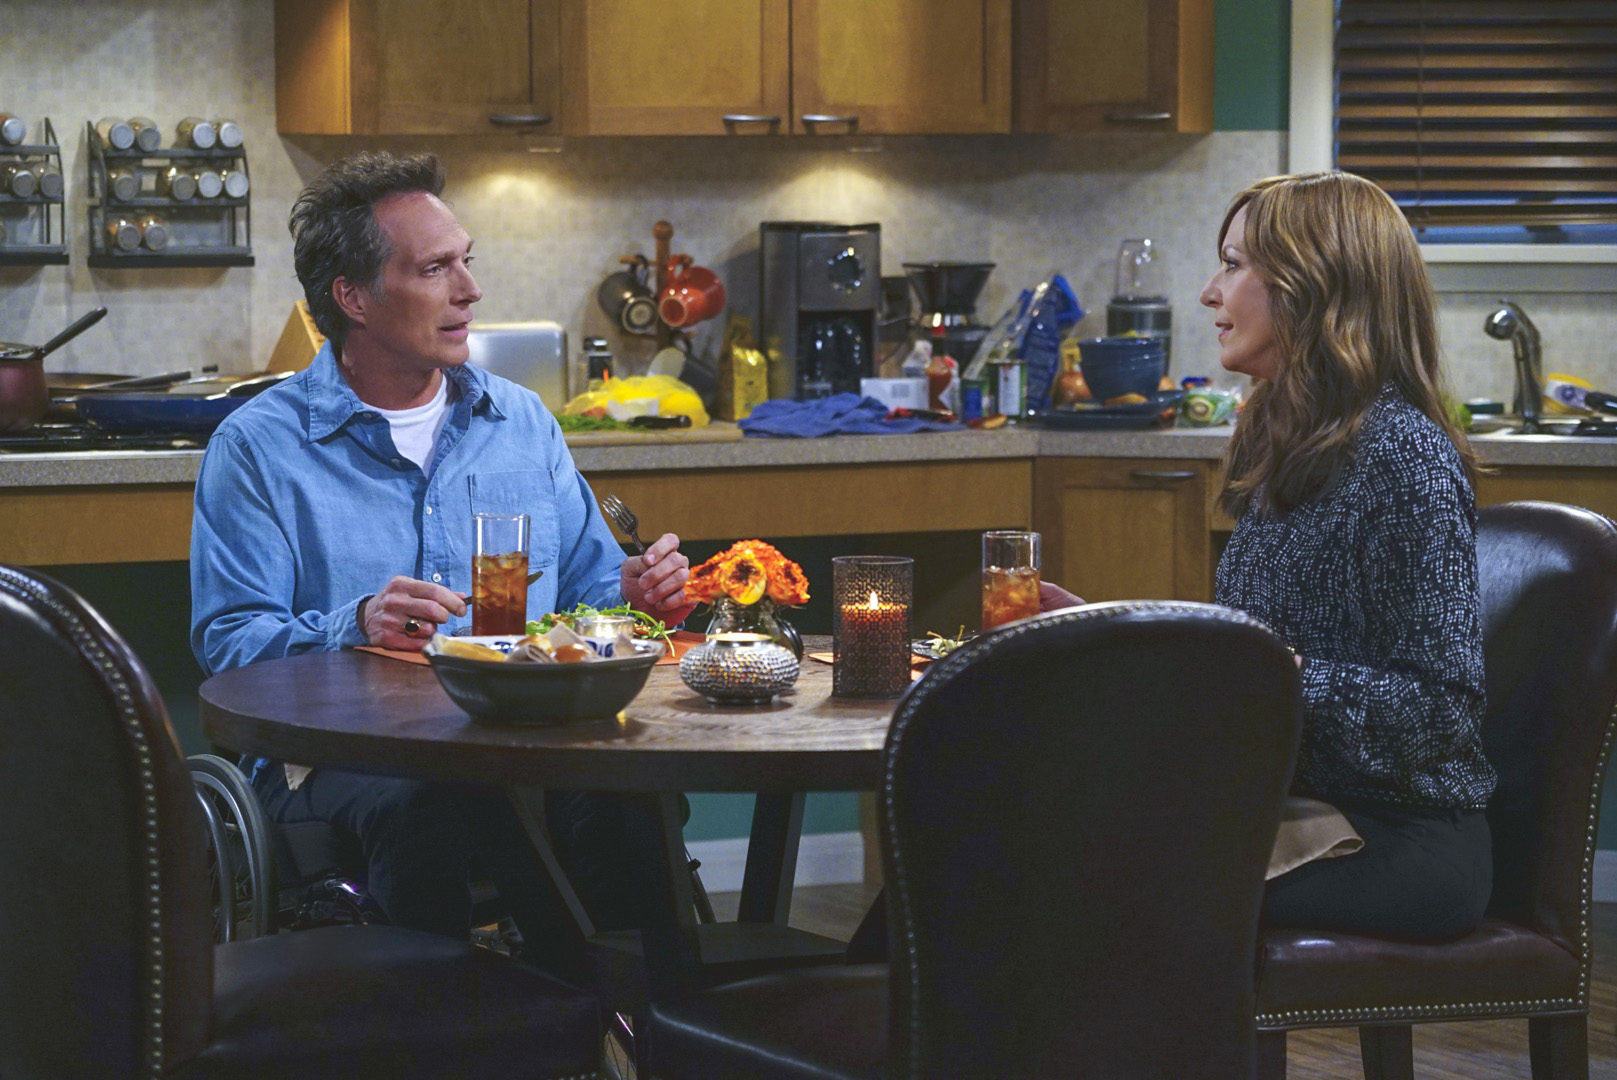 Bonnie asks Adam a serious question about his past.